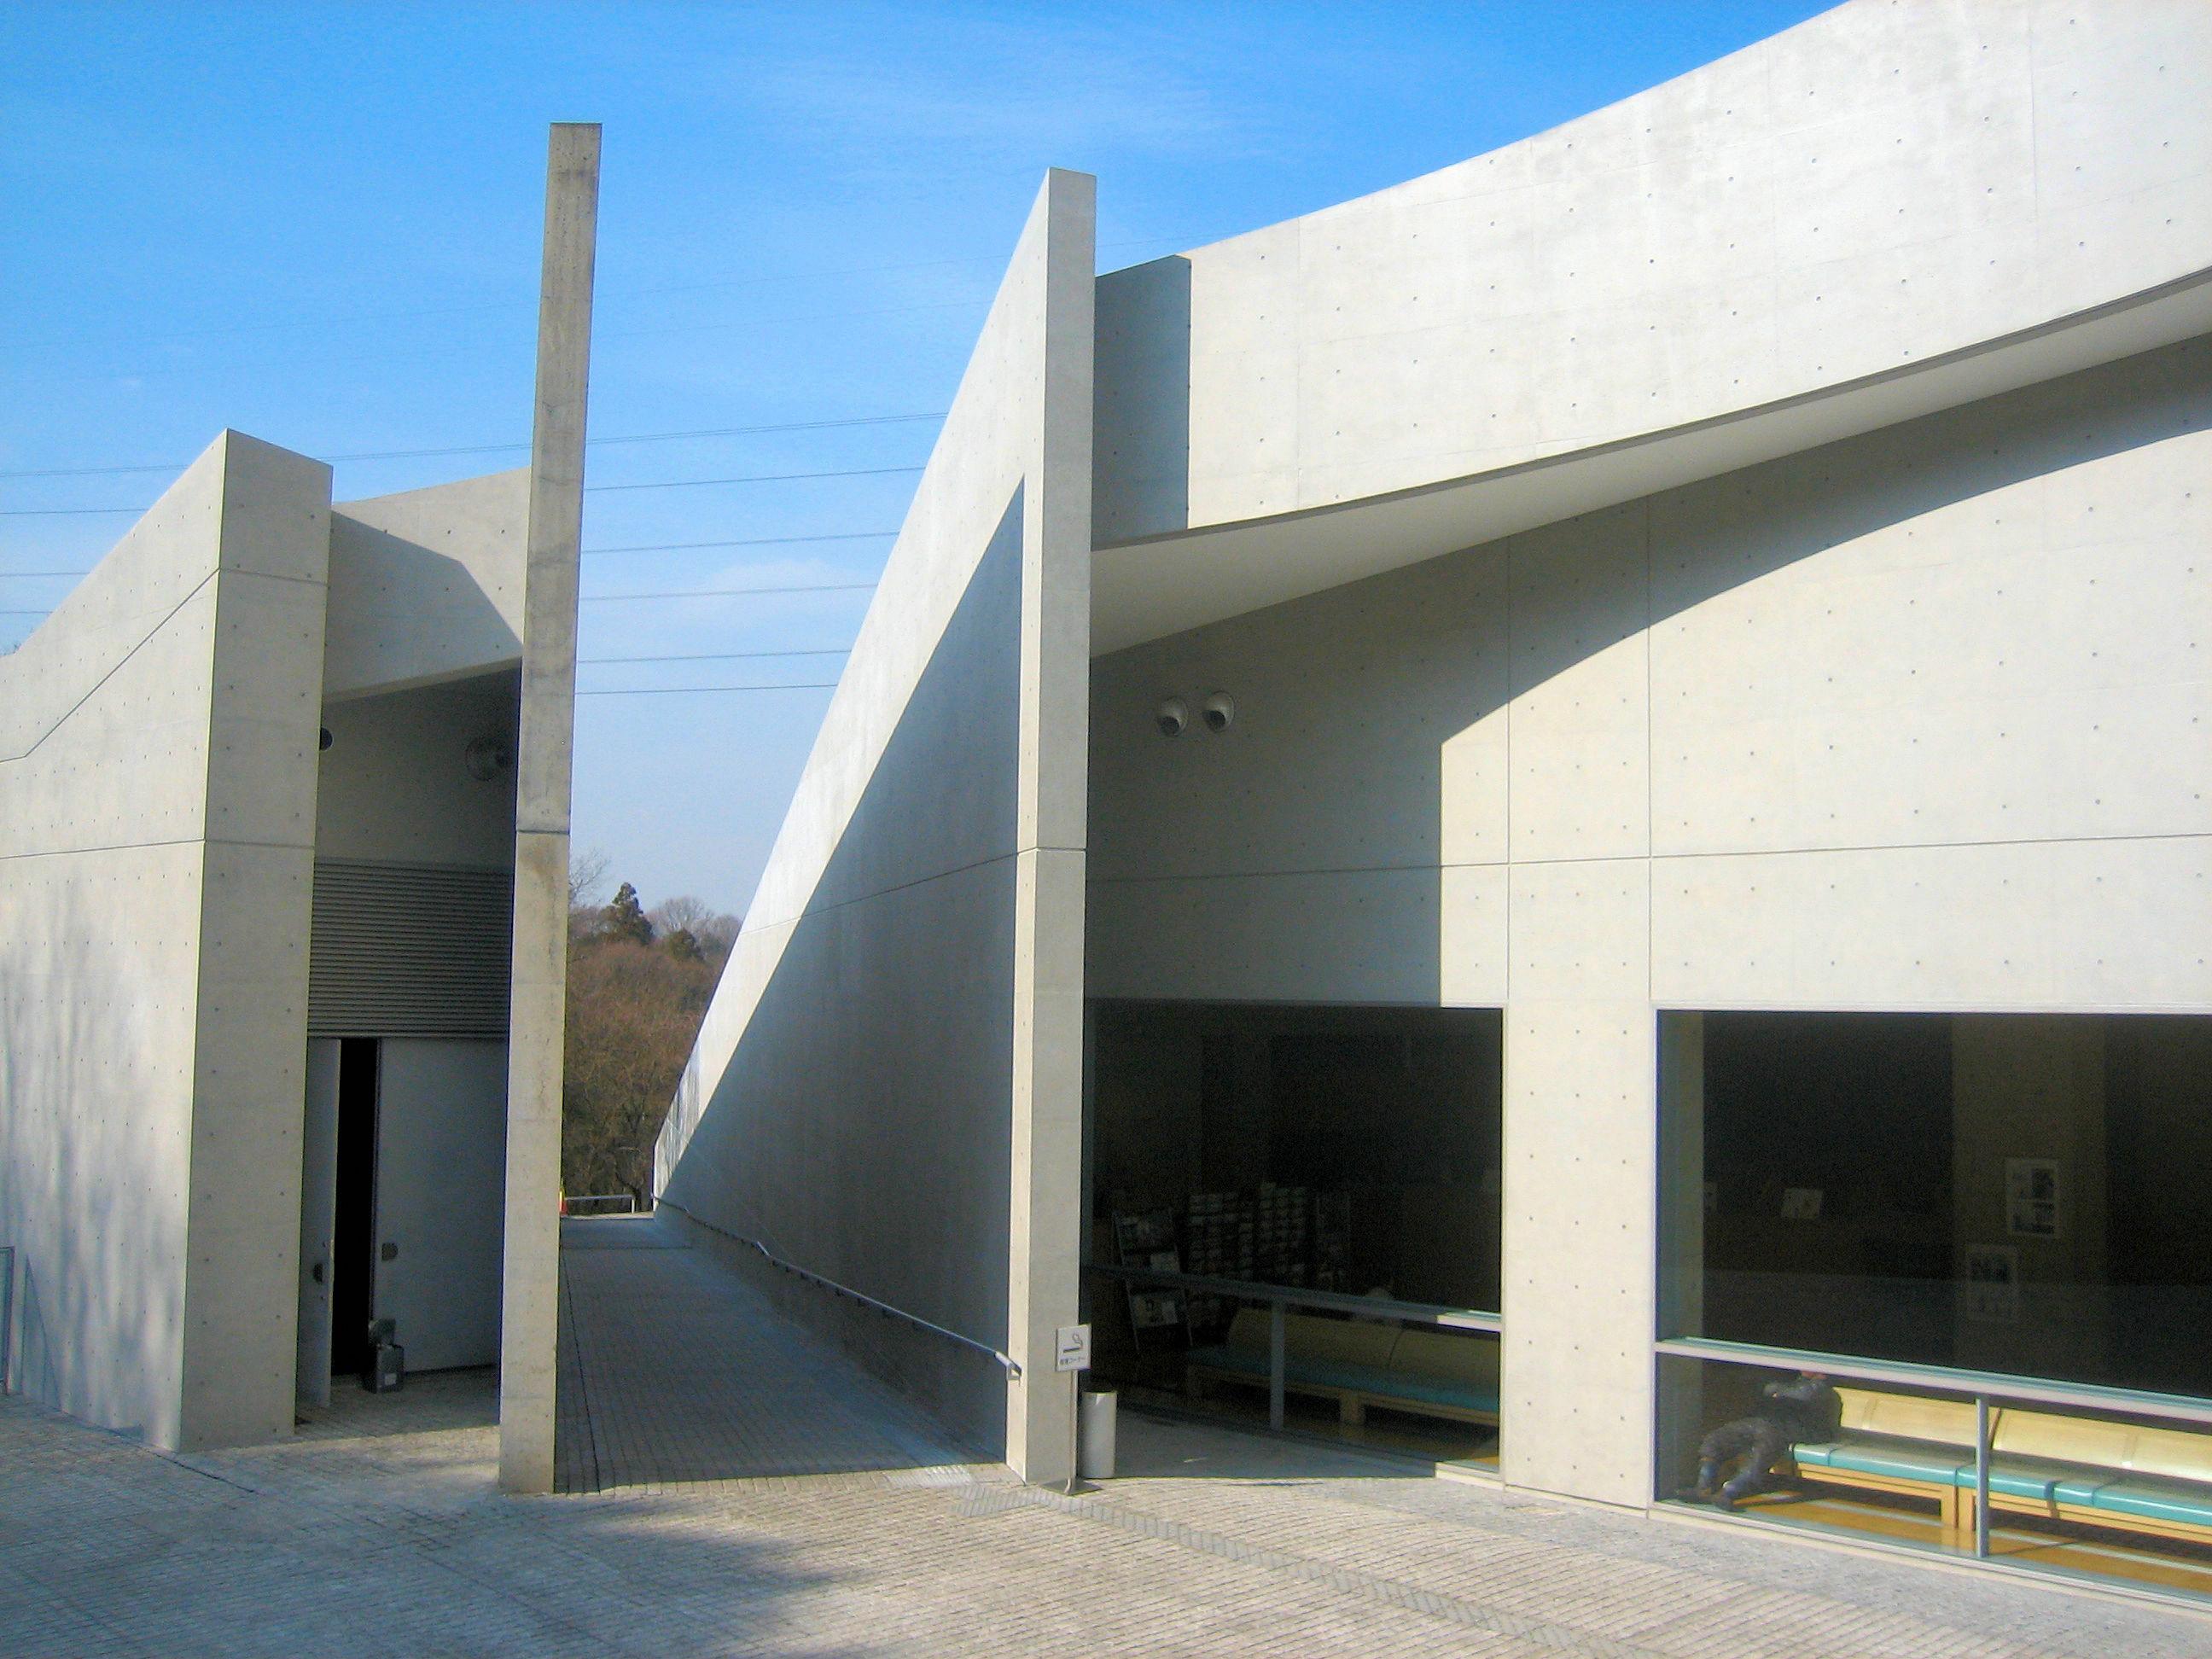 大阪府立近つ飛鳥博物館(大阪府南河内郡市)